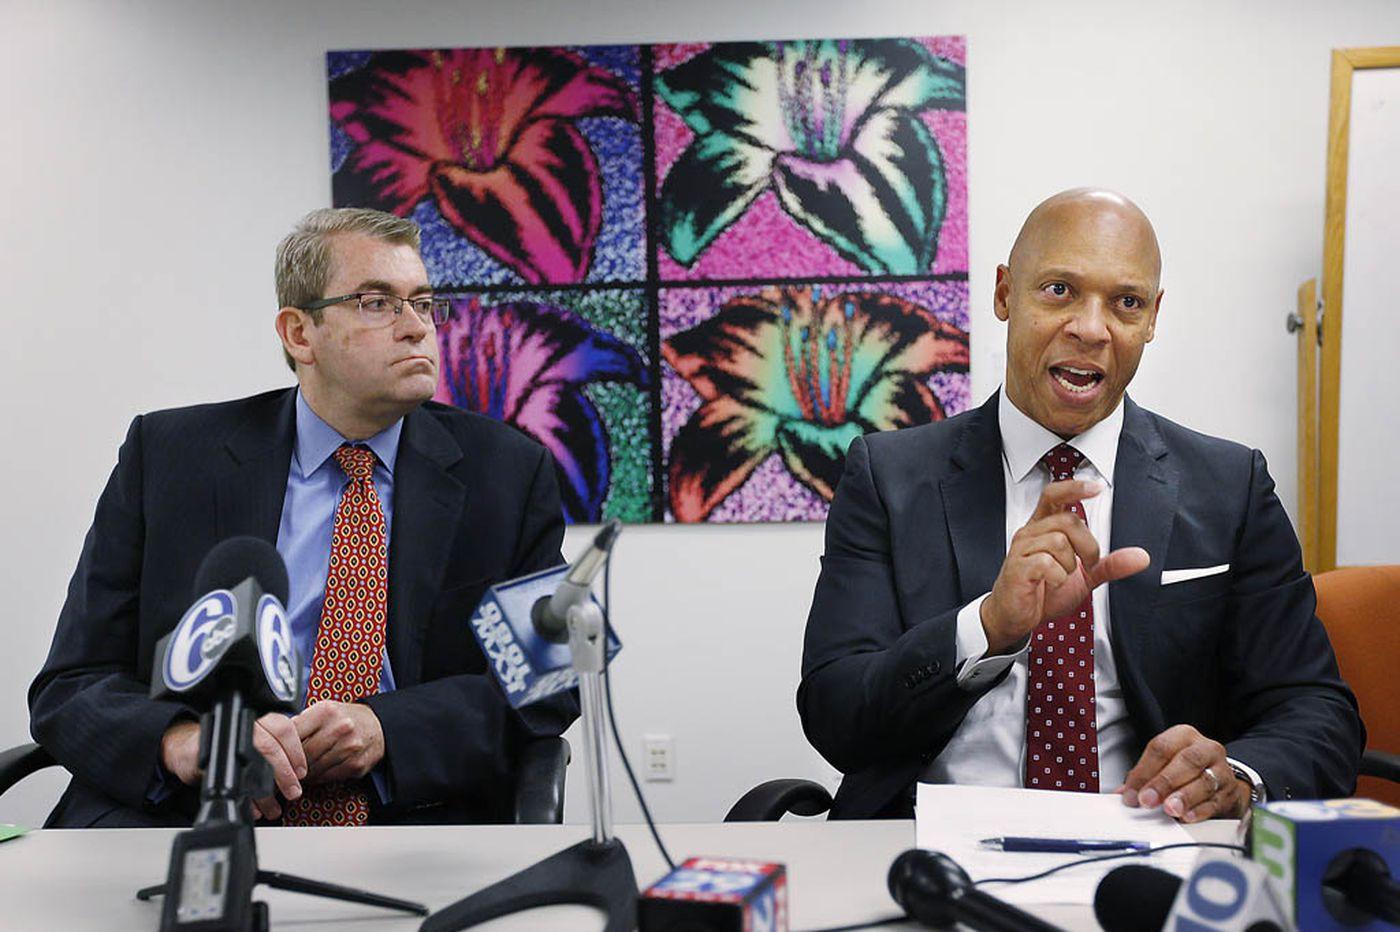 Phila. schools renew push to cancel teachers' contract